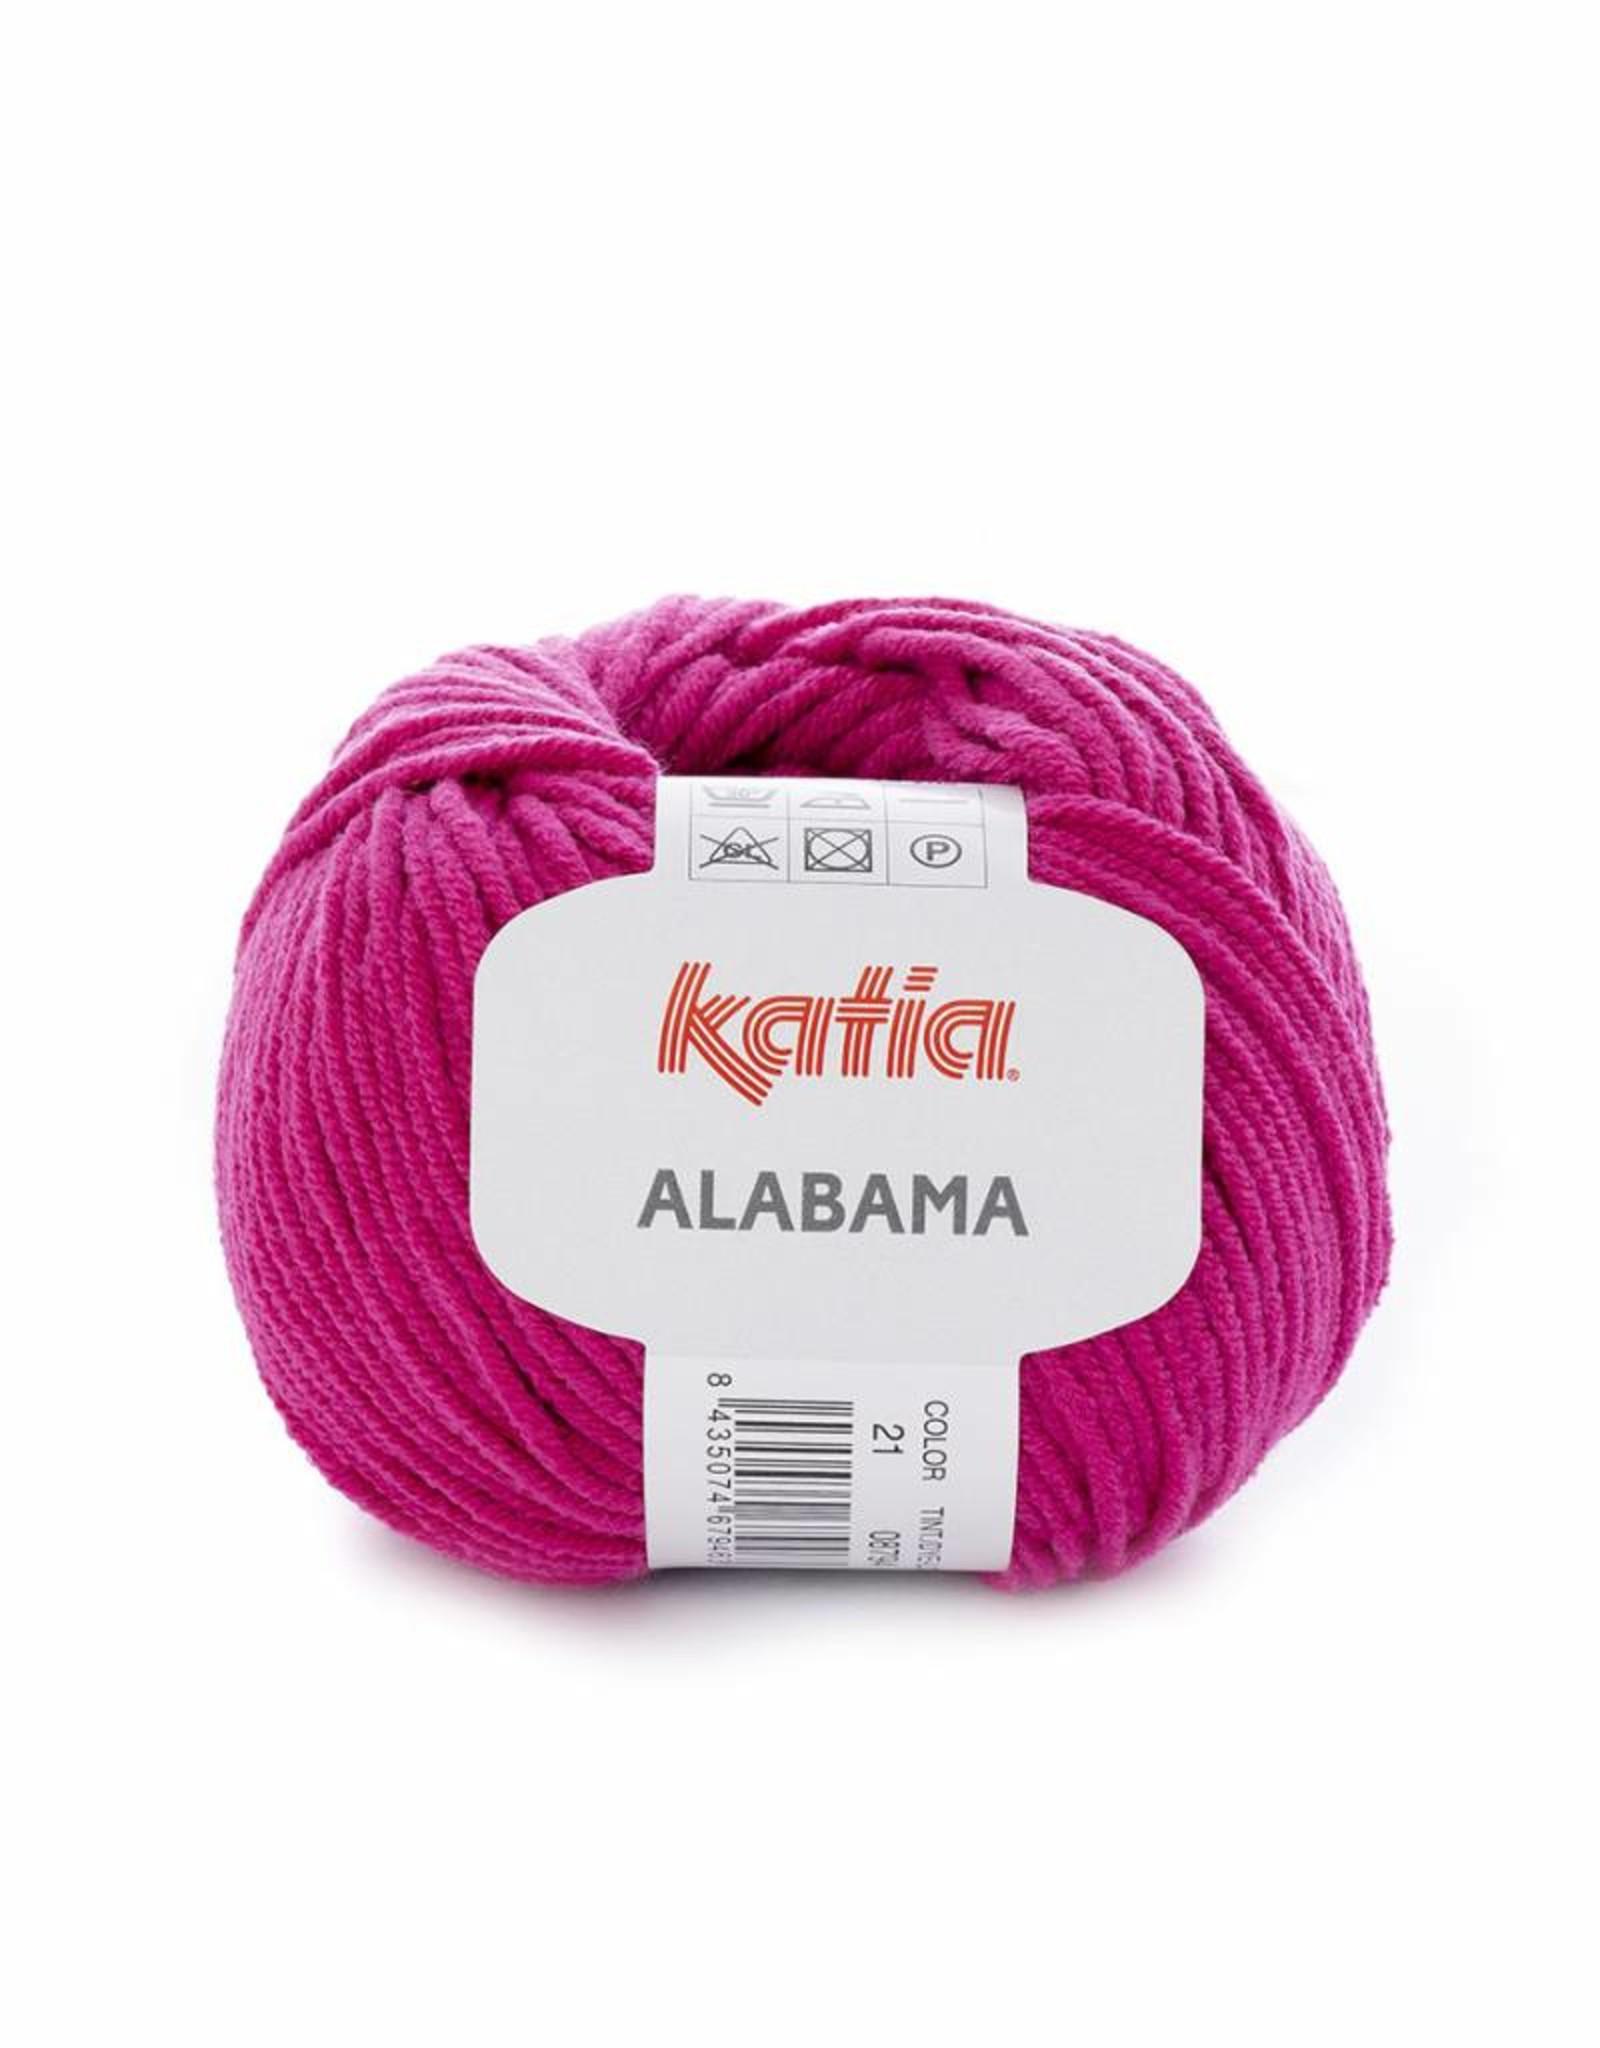 Katia Alabama (1)